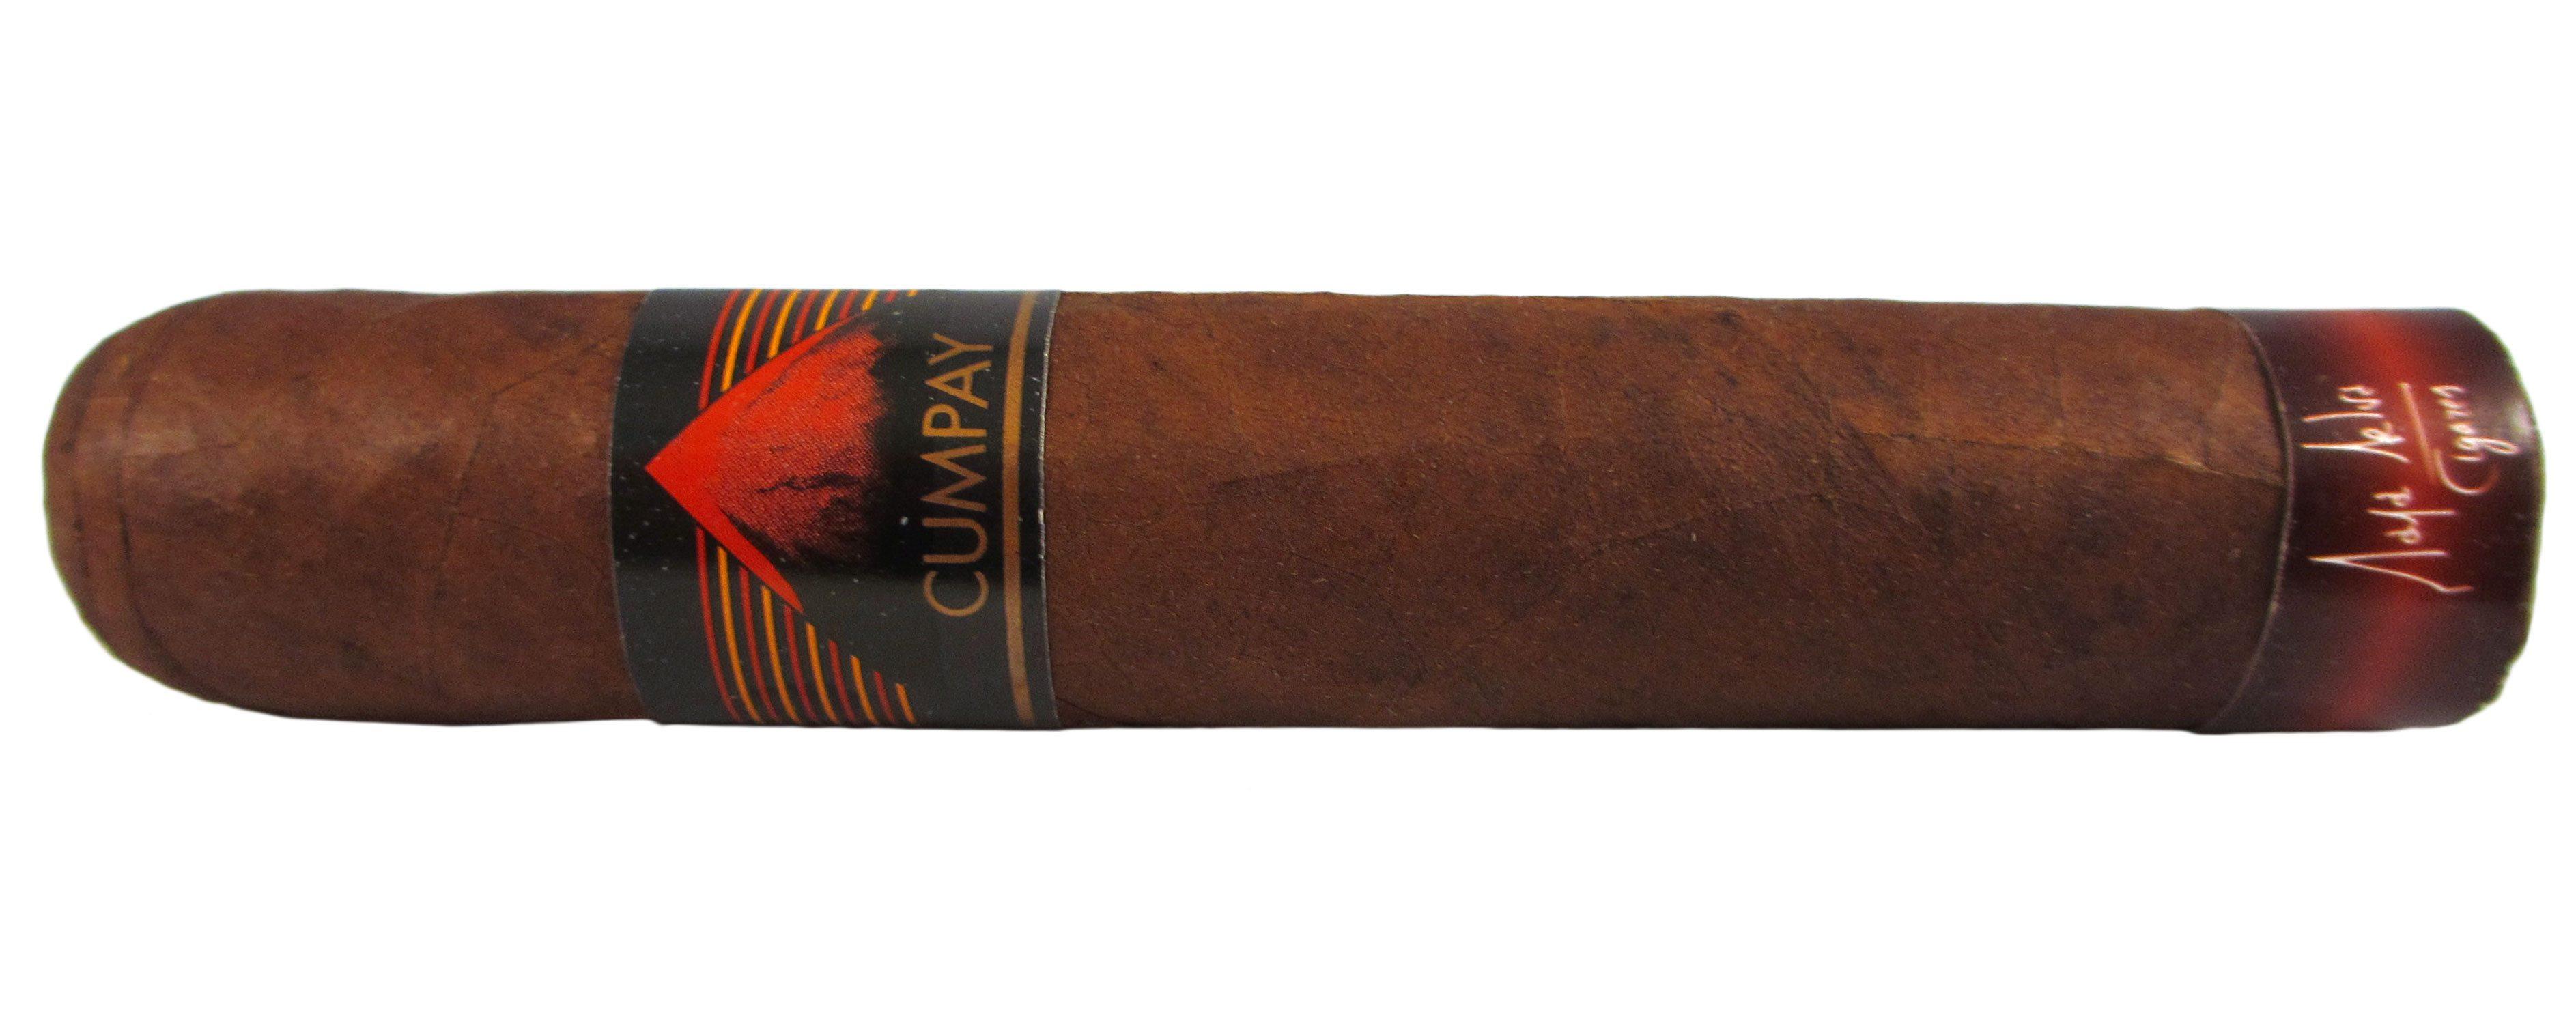 Blind Cigar Review: Maya Selva | Cumpay Maduro Volcán